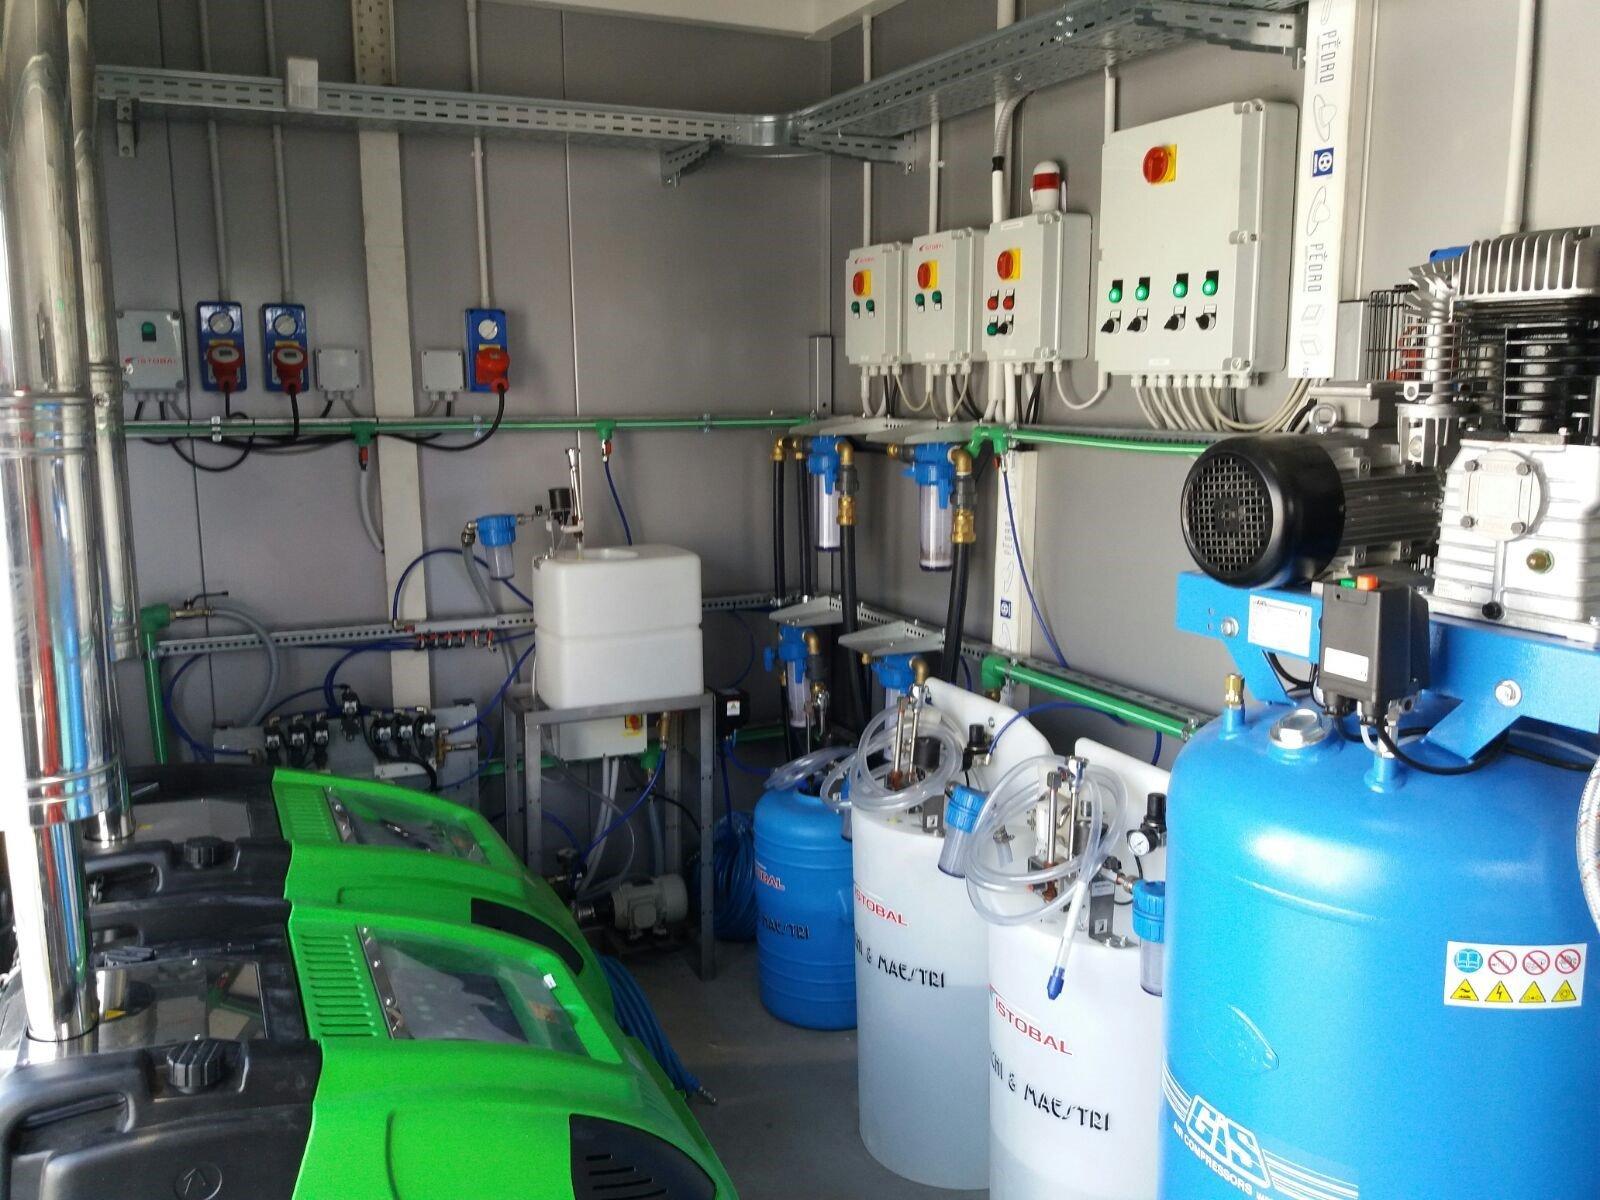 idropulitrici e impianti di lavaggio